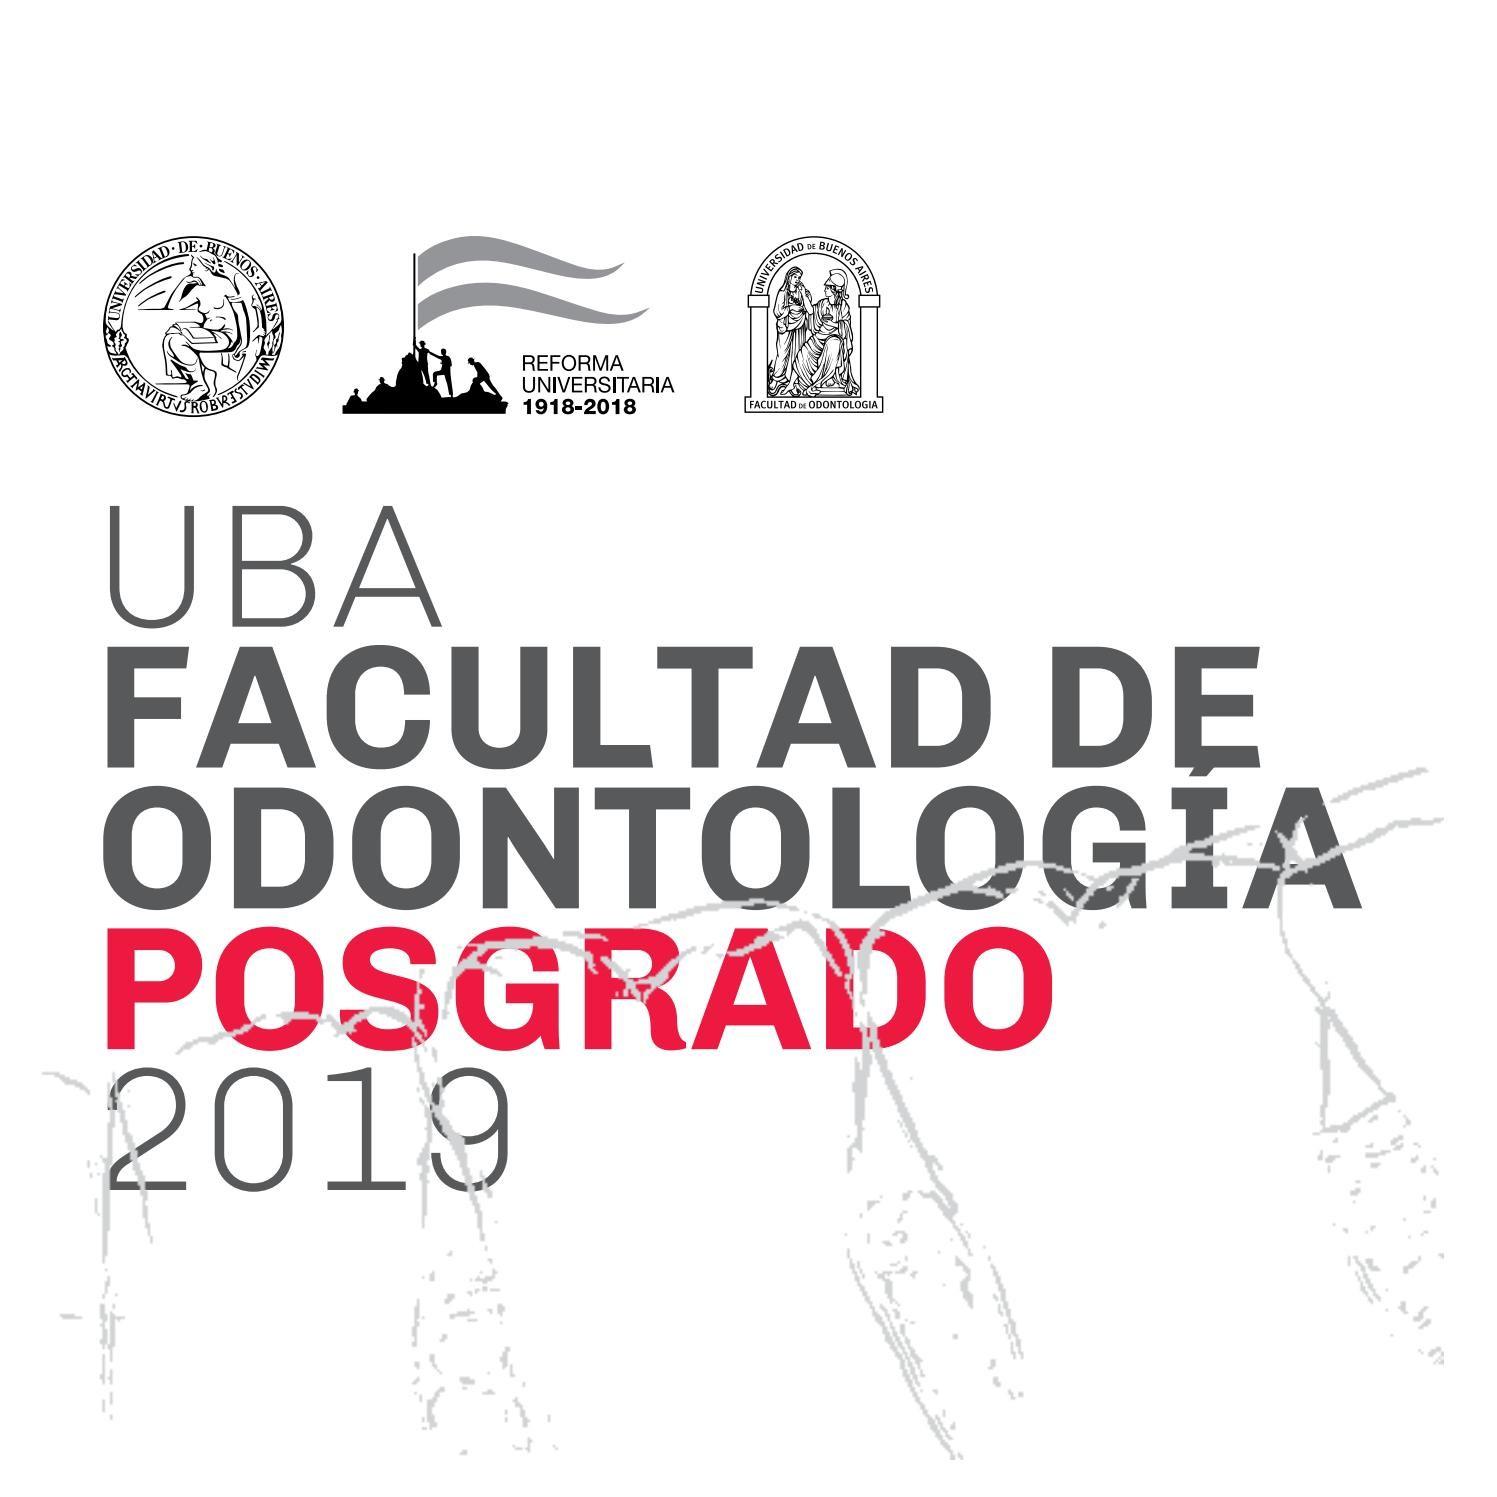 Calendario Escolar 2019-19 Sep 195 Dias Para Imprimir Mejores Y Más Novedosos Libro Uba Facultad De Odontologa Posgrado 2019 by Marral issuu